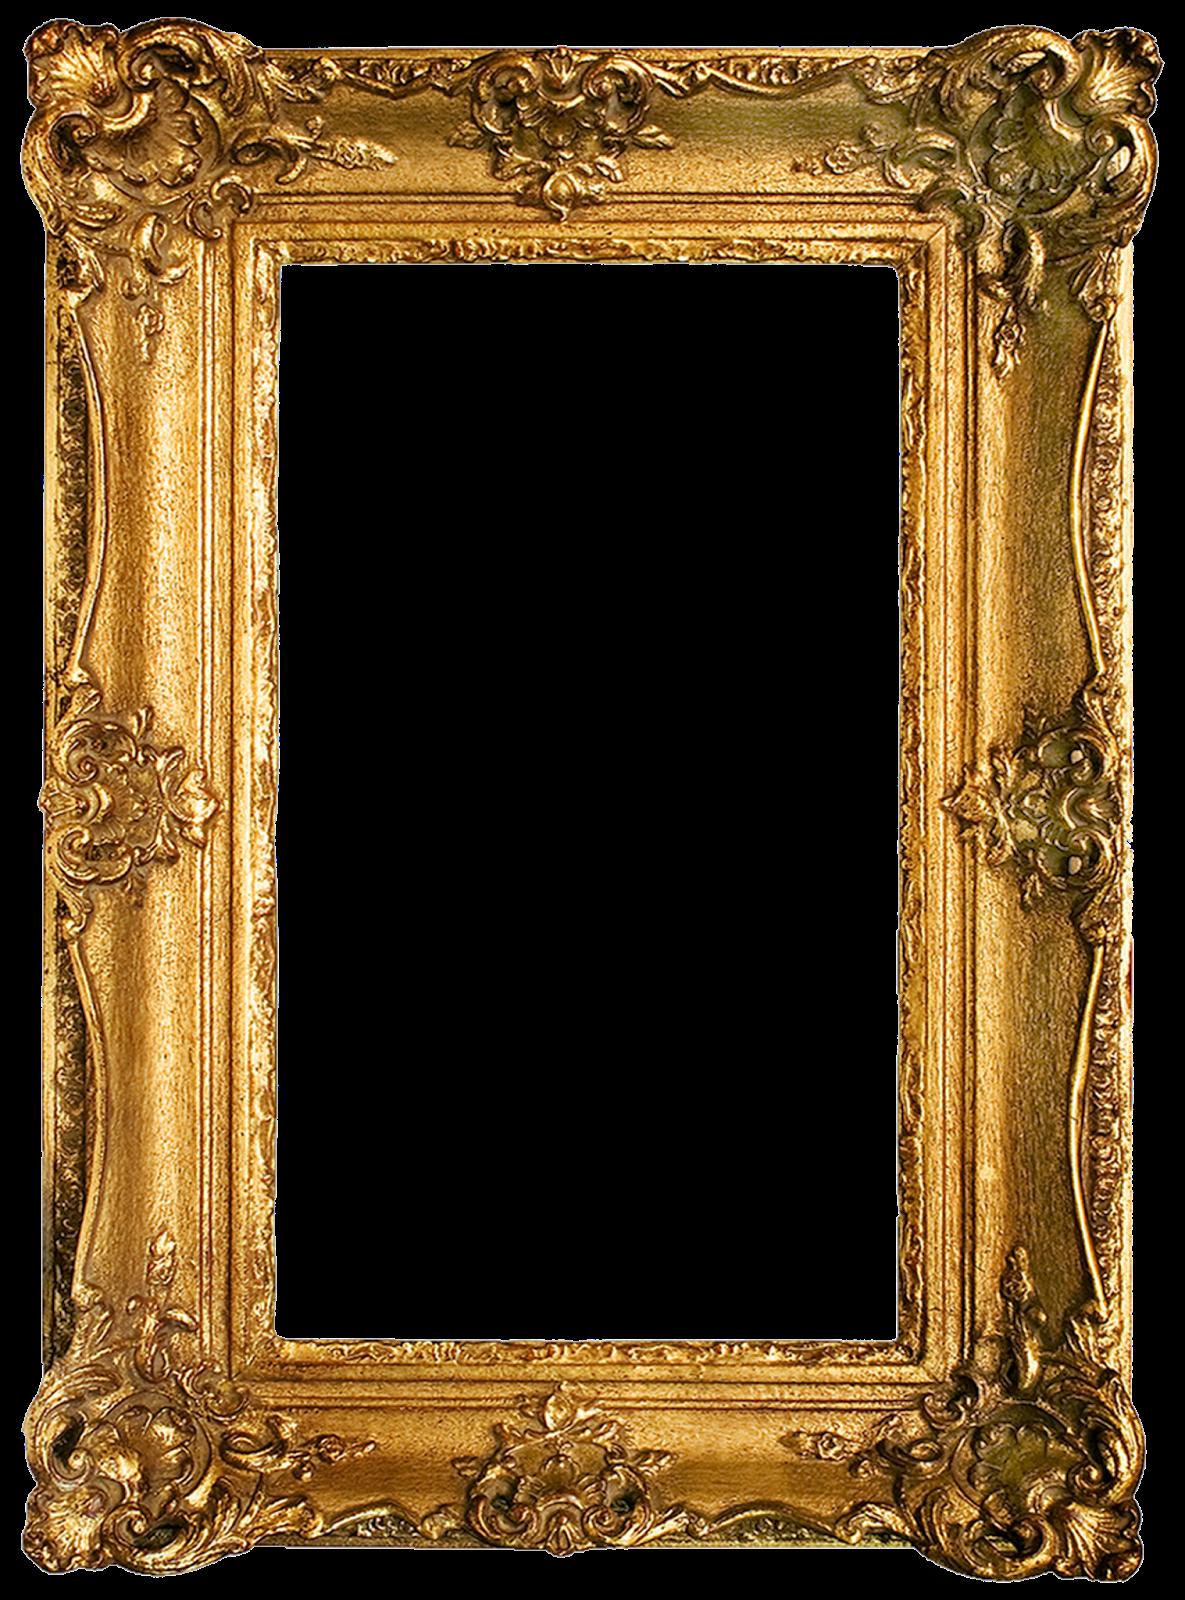 Vintage gilded frames free. Gold picture frame png